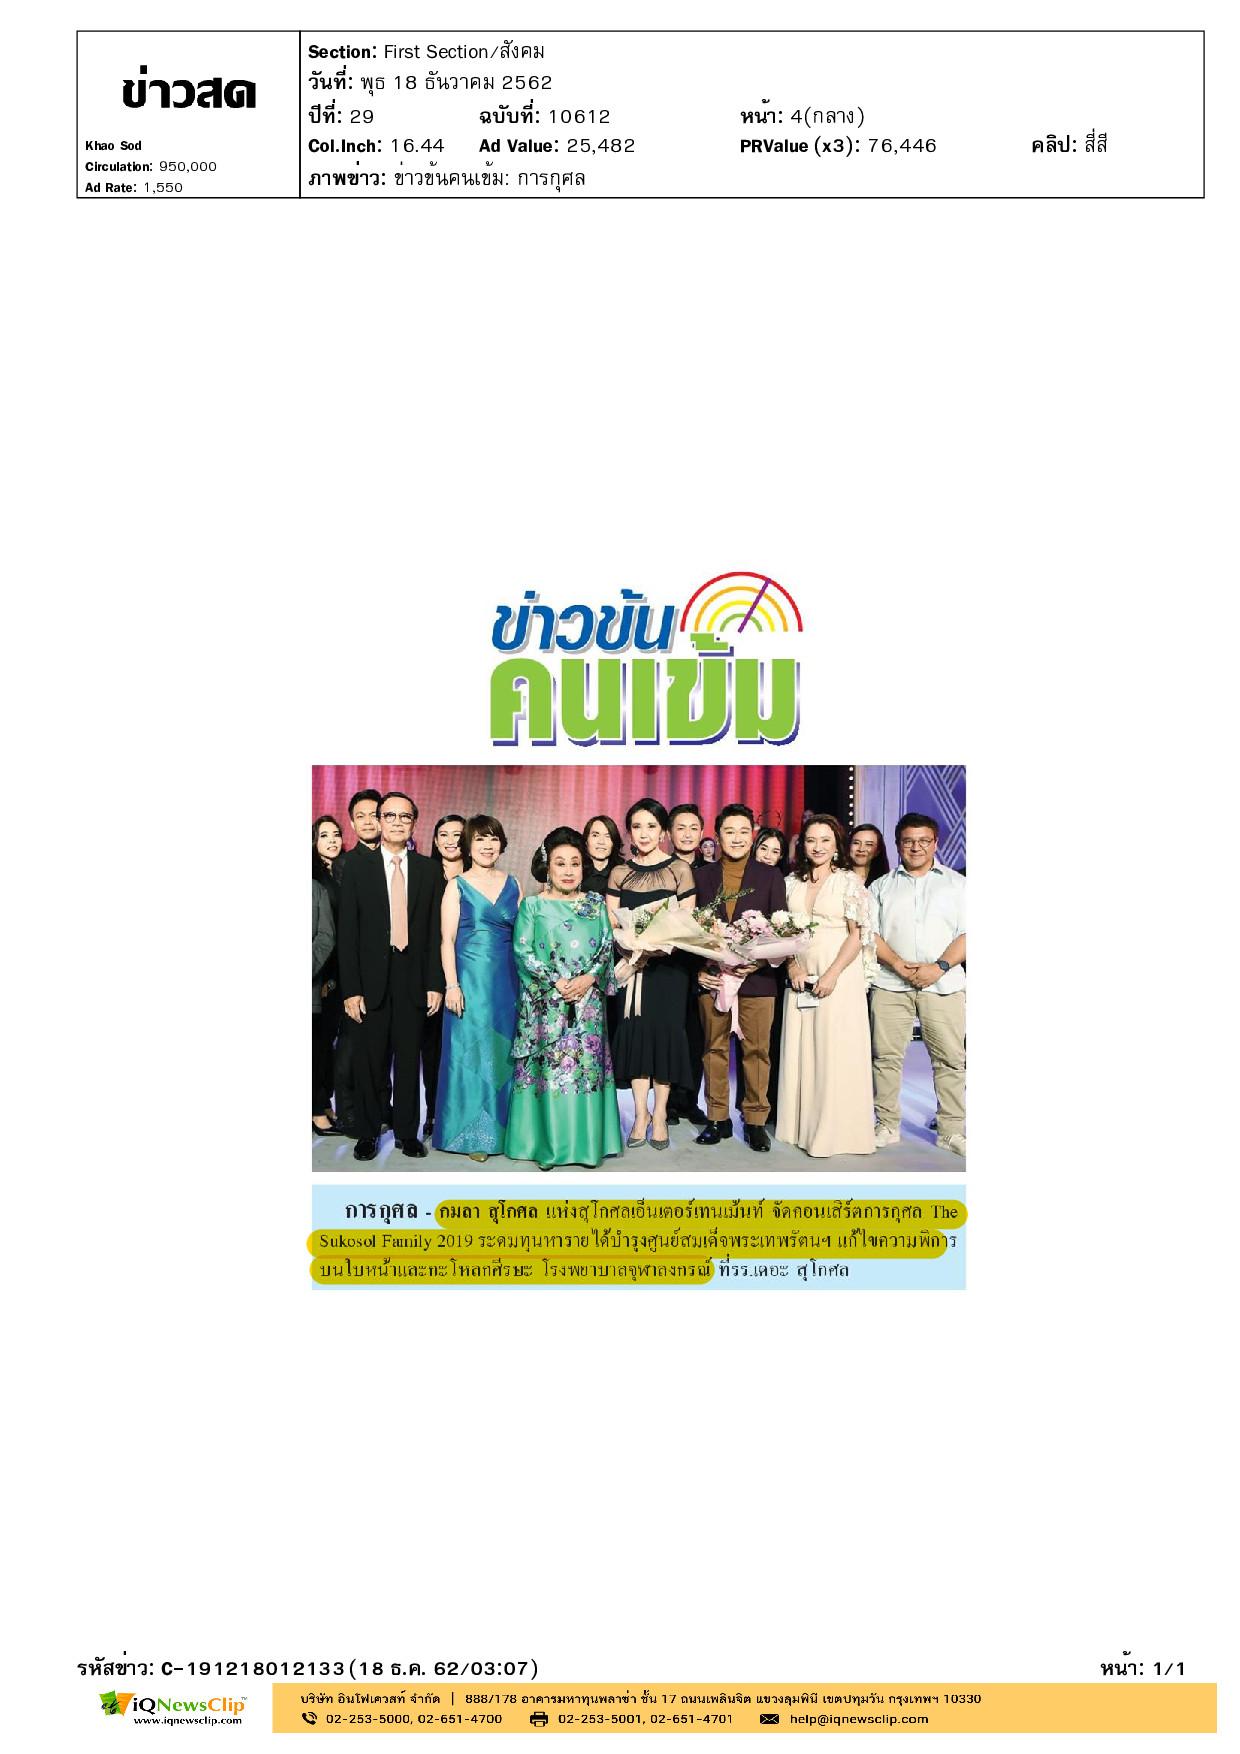 คอนเสิร์ตการกุศล The Sukosol Family 2019 นำรายได้บำรุงสภากาชาดไทย